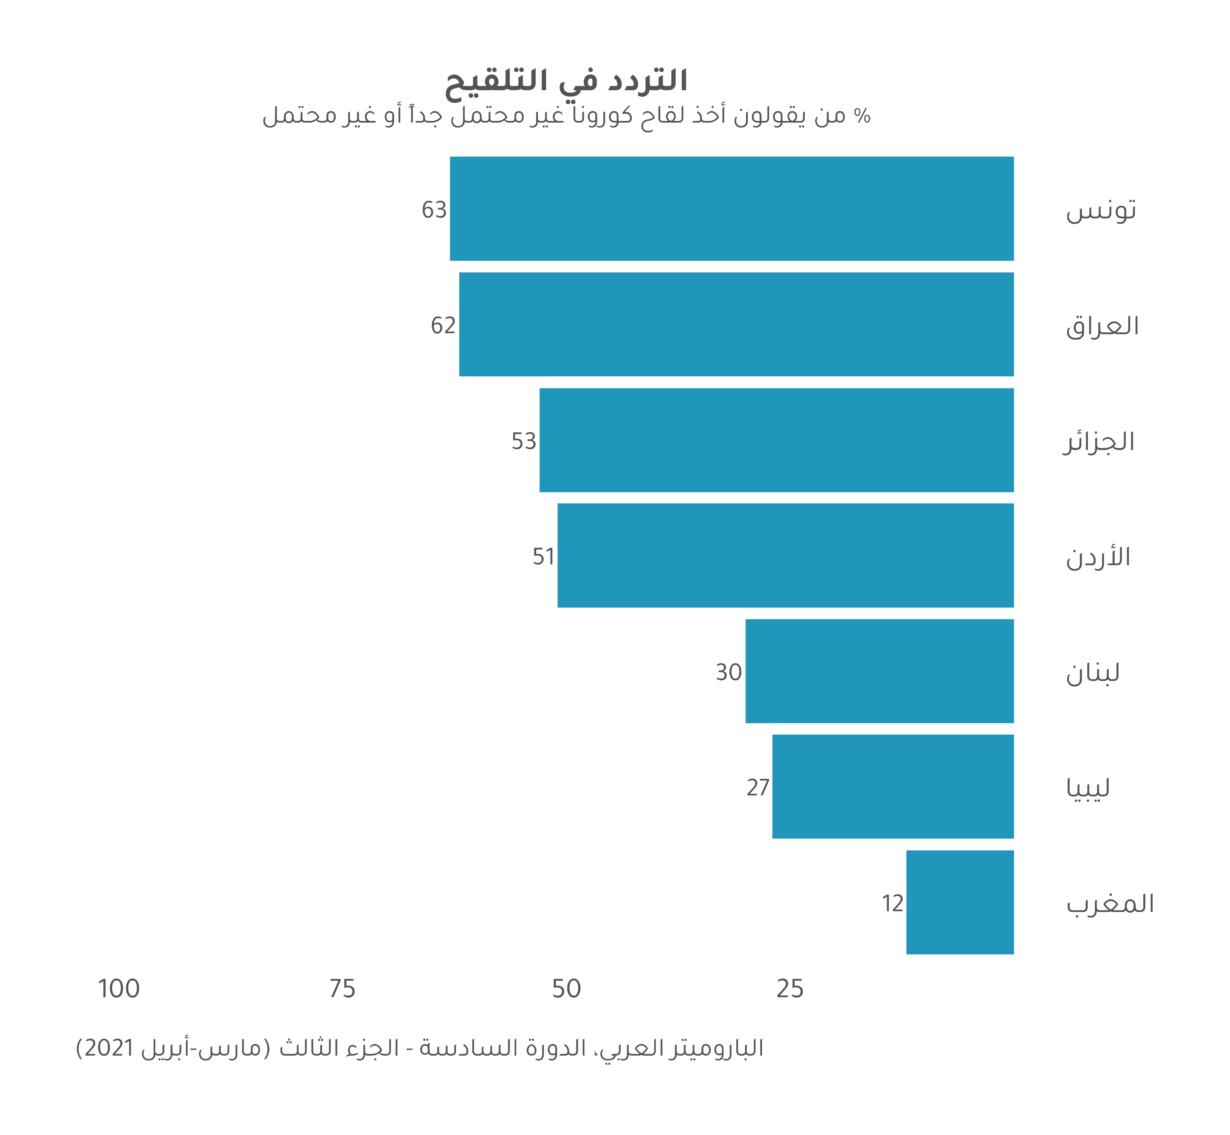 الإقبال المتباين على لقاحات فيروس كورونا في الشرق الأوسط وشمال إفريقيا